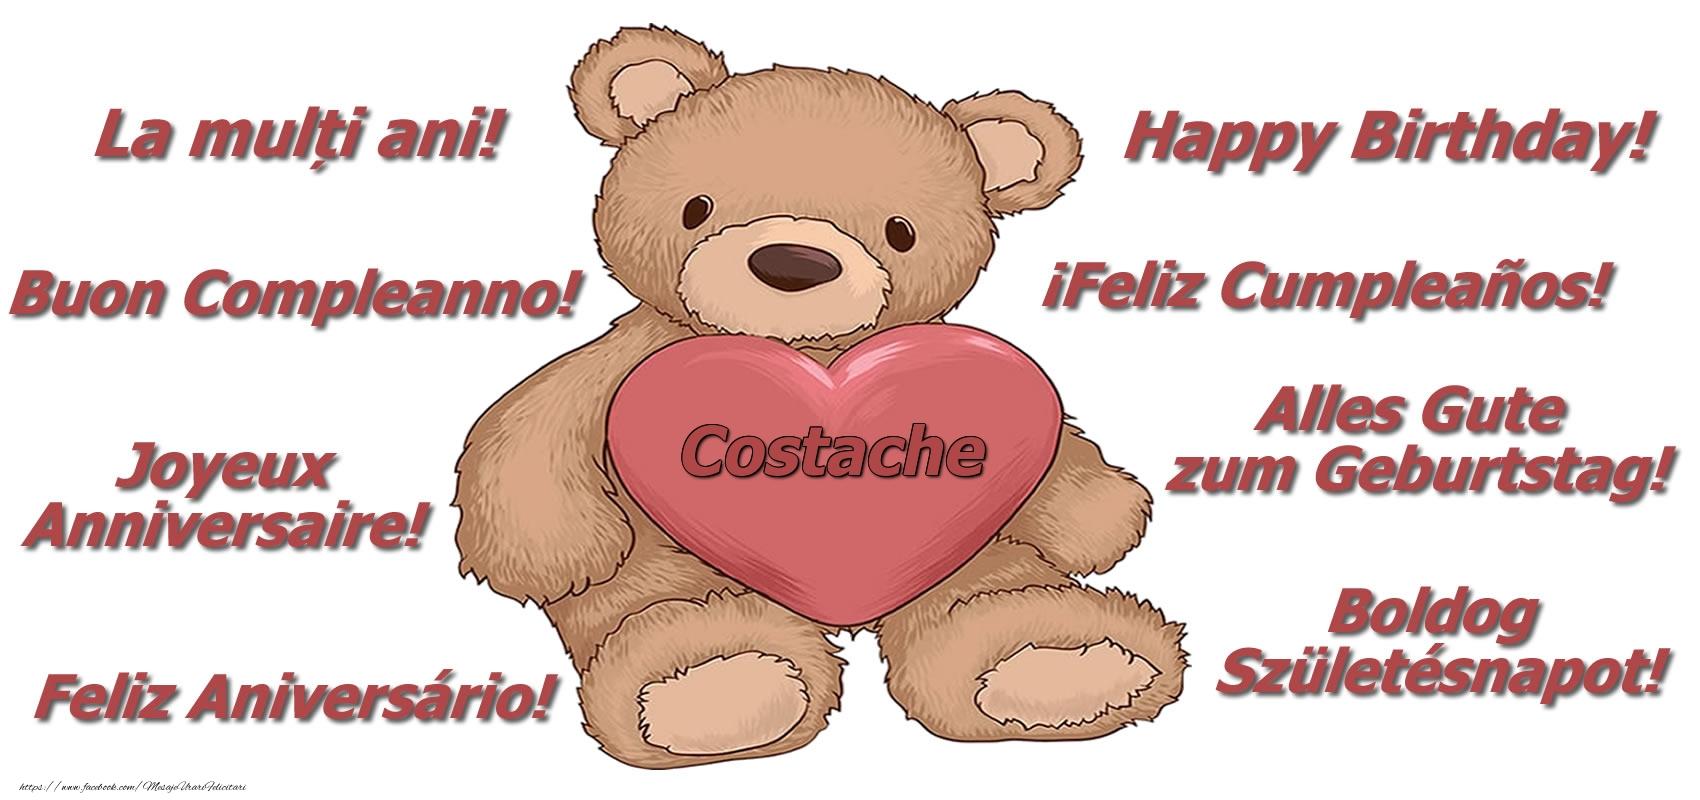 Felicitari de zi de nastere - La multi ani Costache! - Ursulet